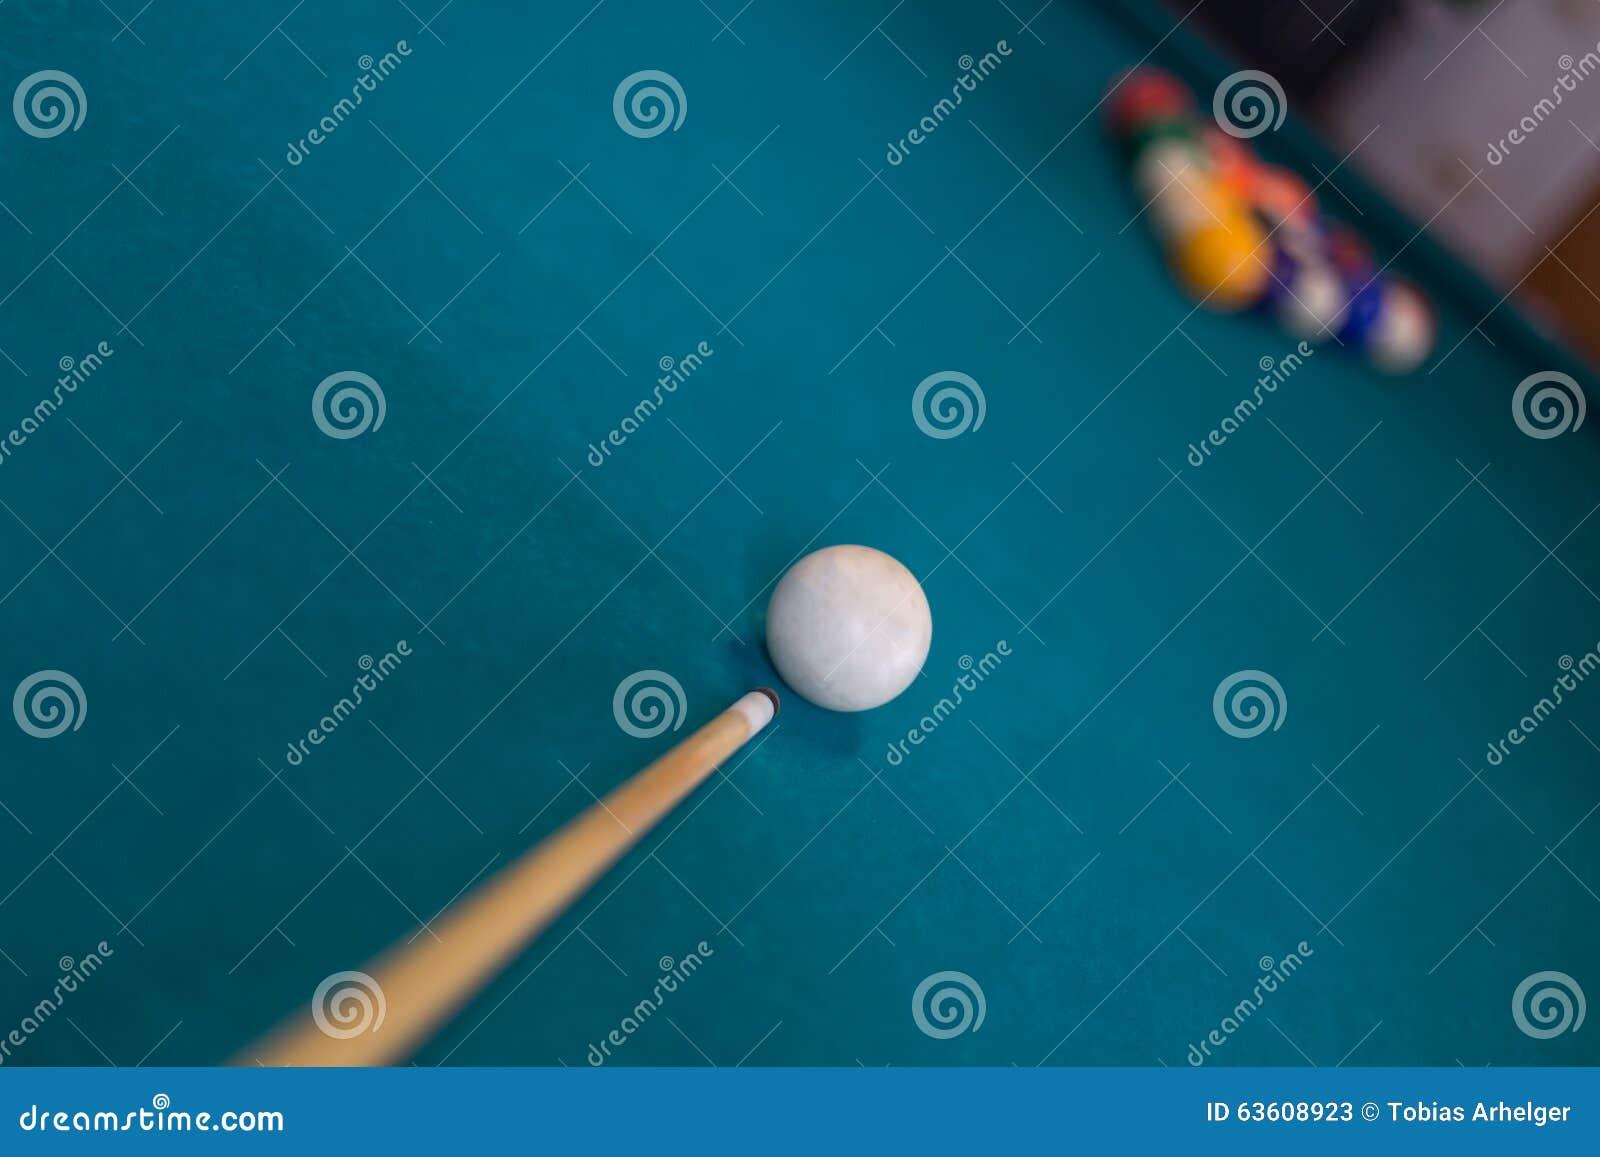 Billiards background